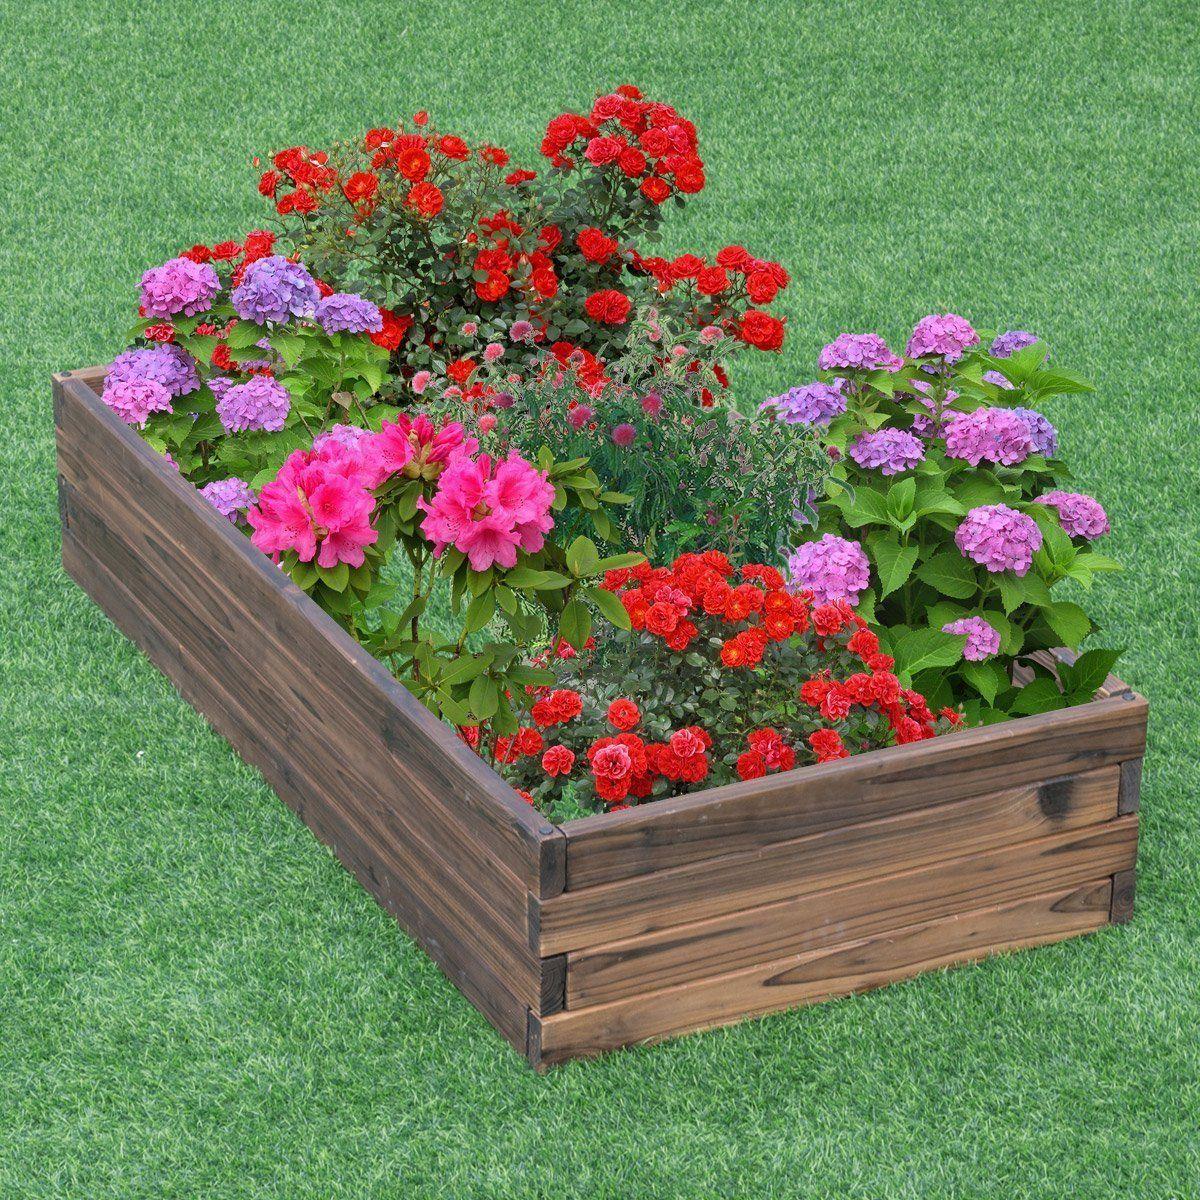 Pin by Amber Carmichael on Garden Garden planter boxes